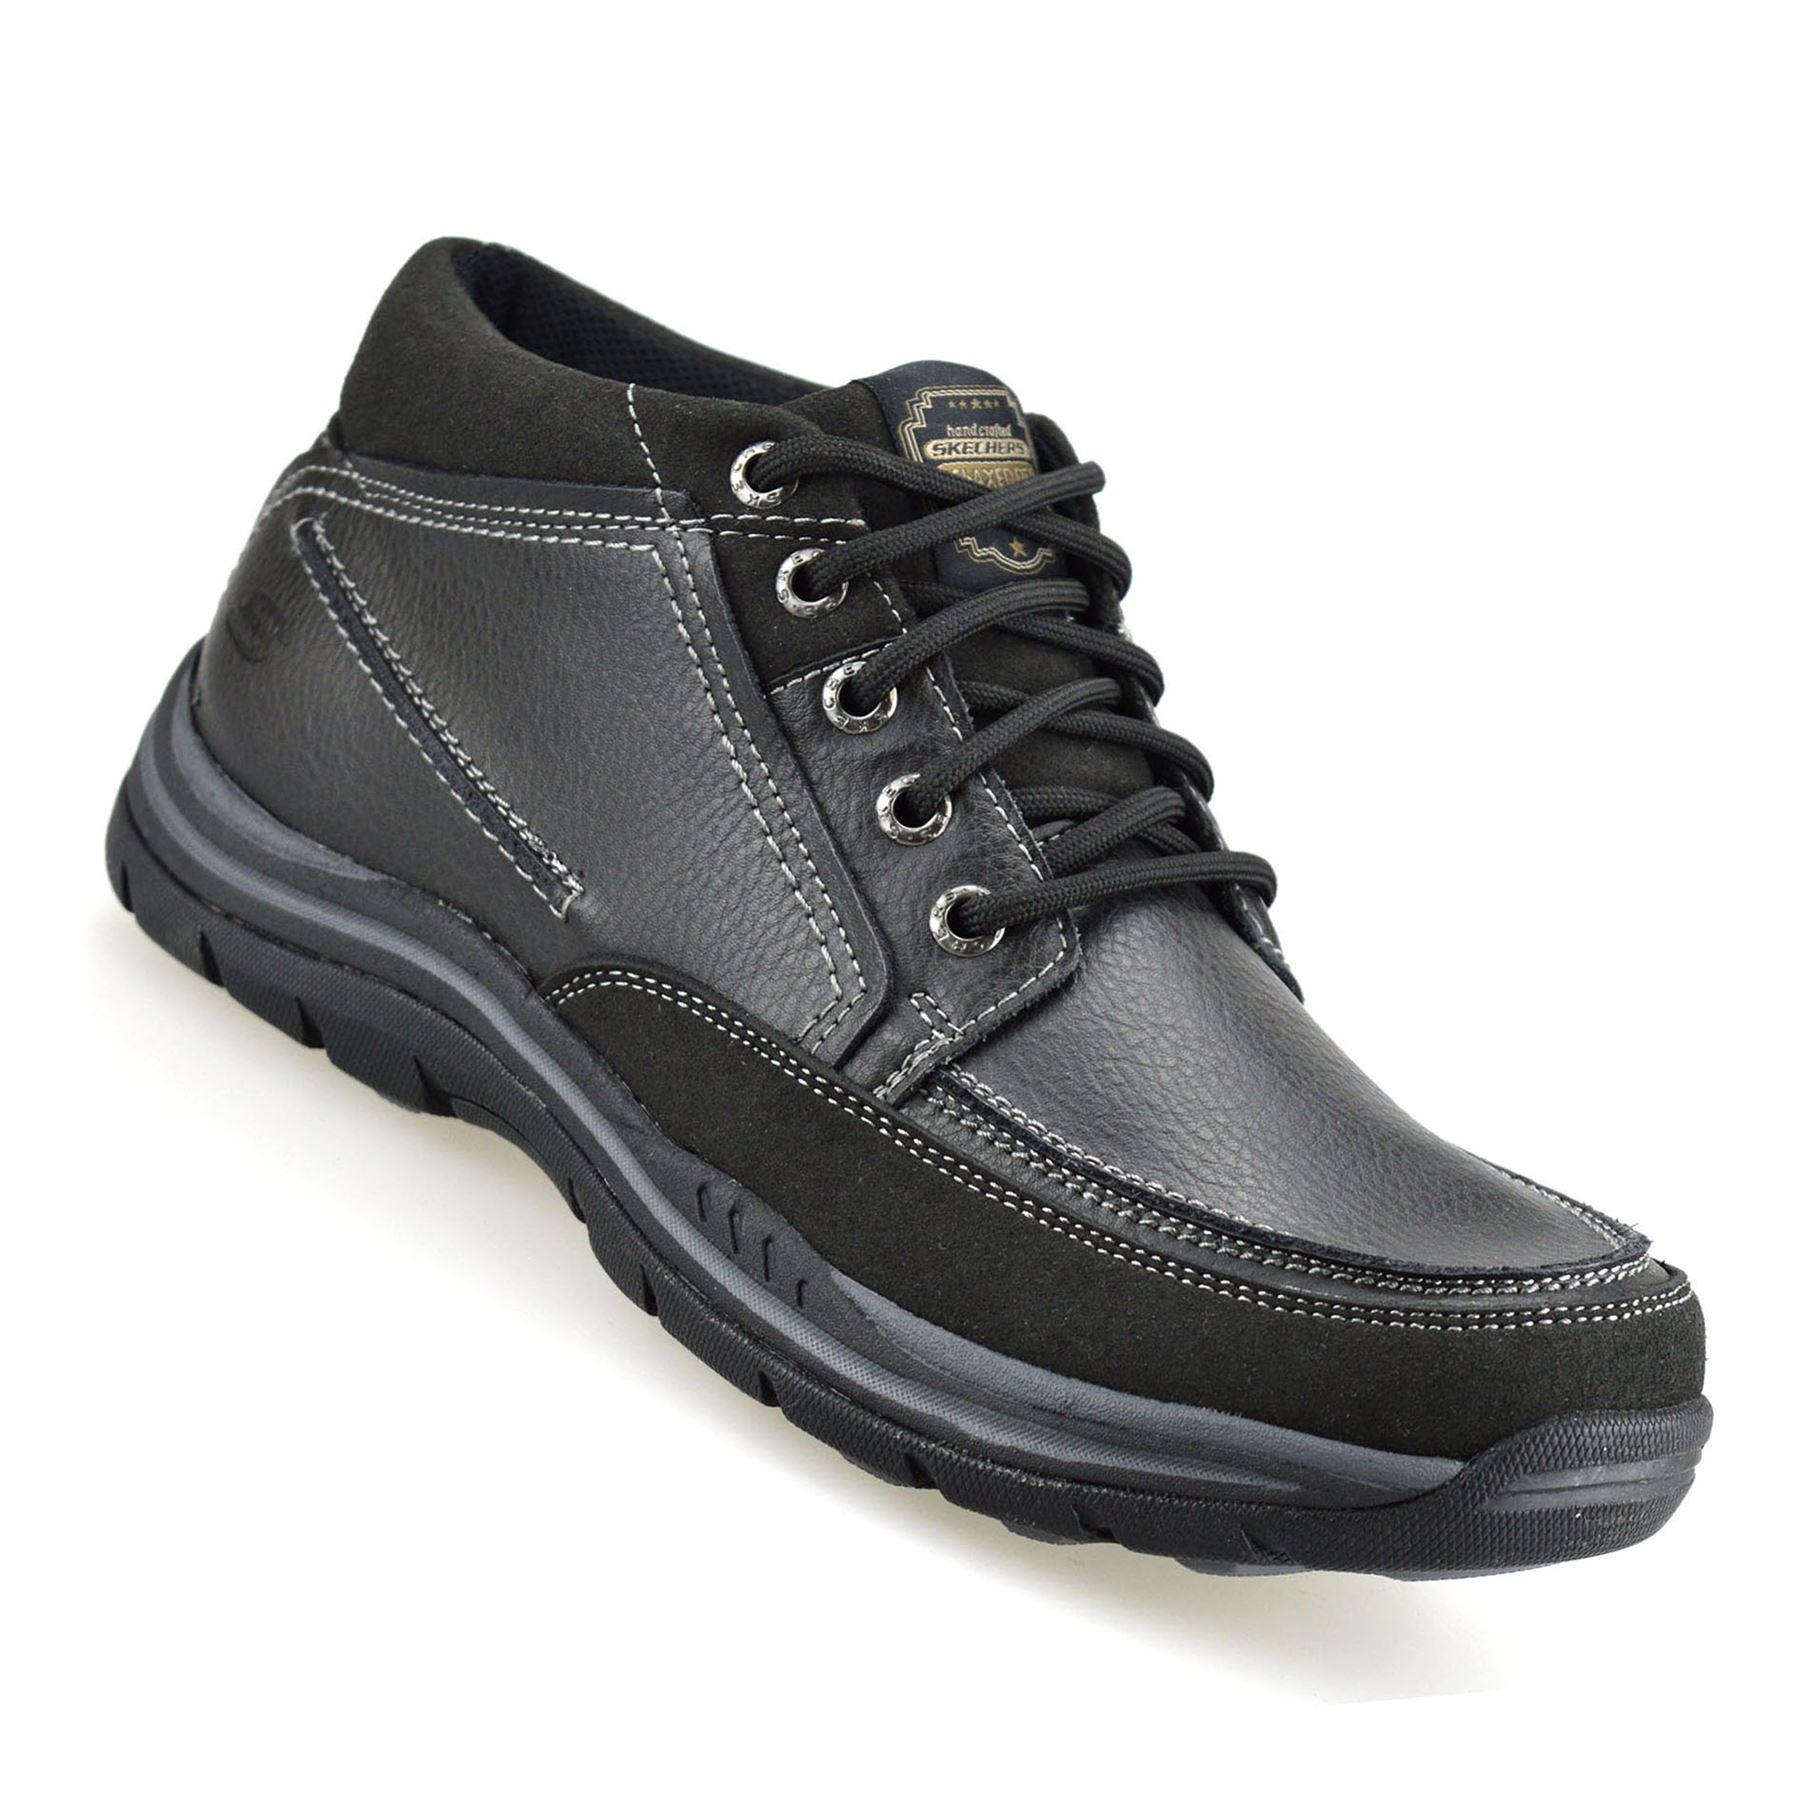 Dettagli su Da Uomo Skechers Pelle Relaxed Fit Foam Da Passeggio Alla Caviglia MEMORY Stivali Scarpe mostra il titolo originale